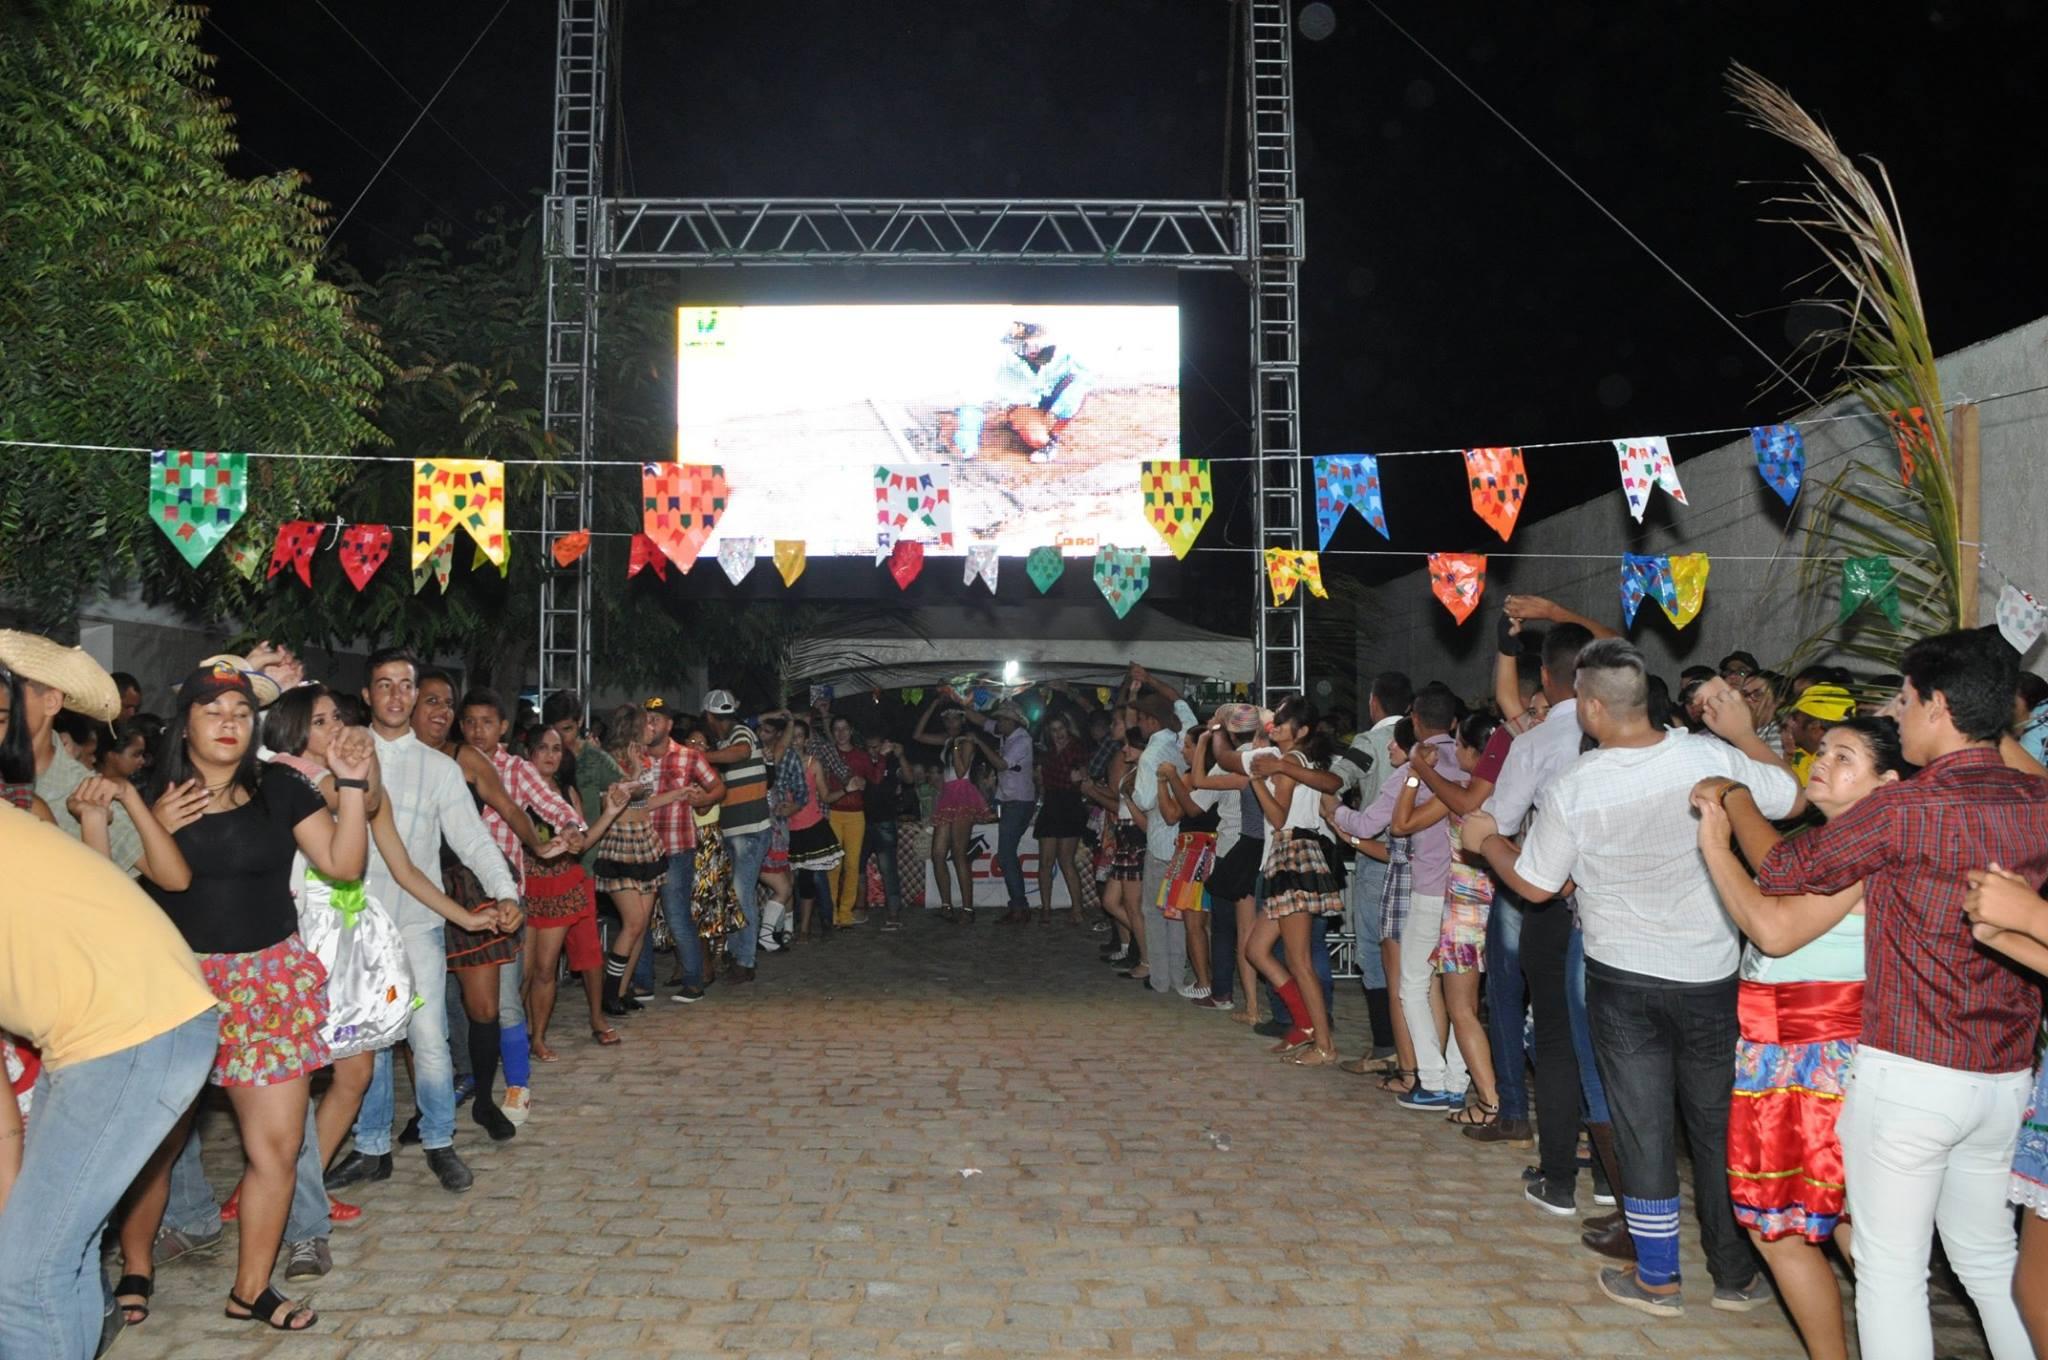 19143743_1899327980340392_5586476930253024338_o-1024x680 OPIPOCO mostra como foi a Segunda noite do festival de quadrilhas em Monteiro. Confira Imagens